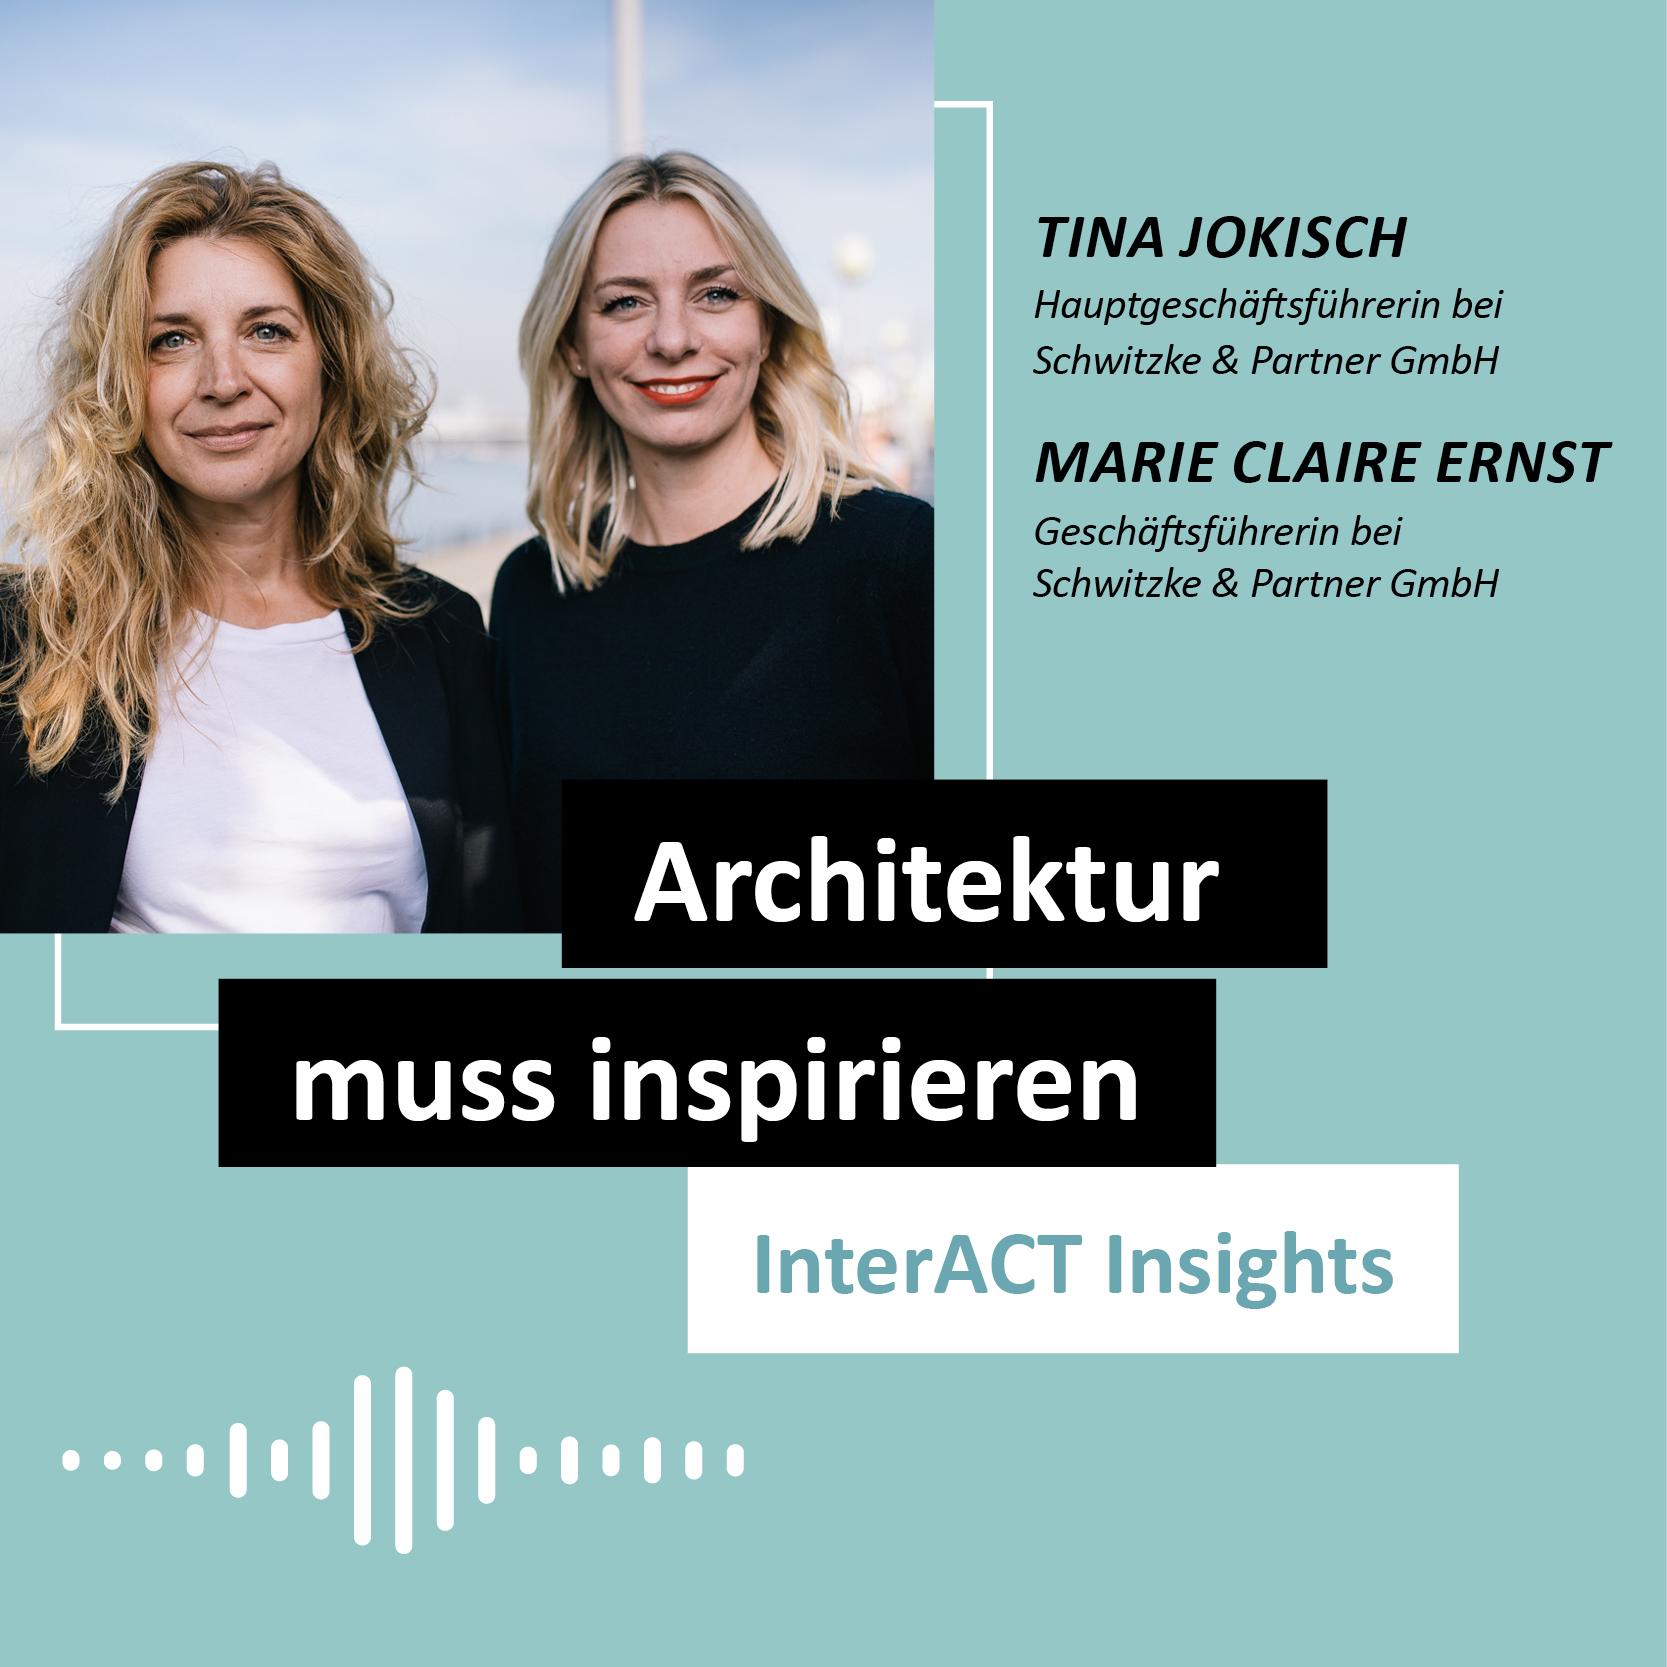 Tina Jokisch und Marie Claire Ernst